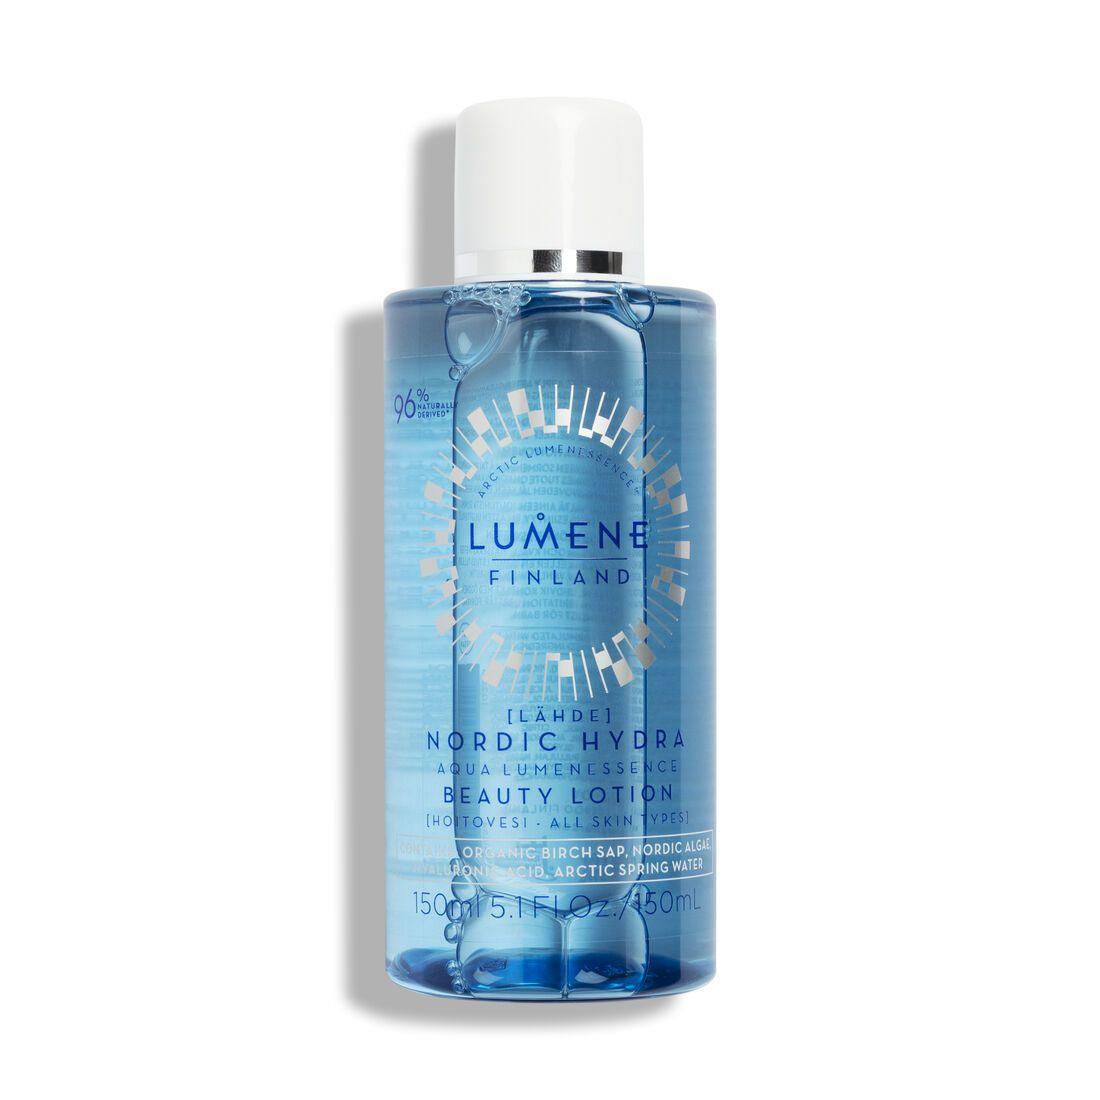 Lumene hydrating beauty lotion